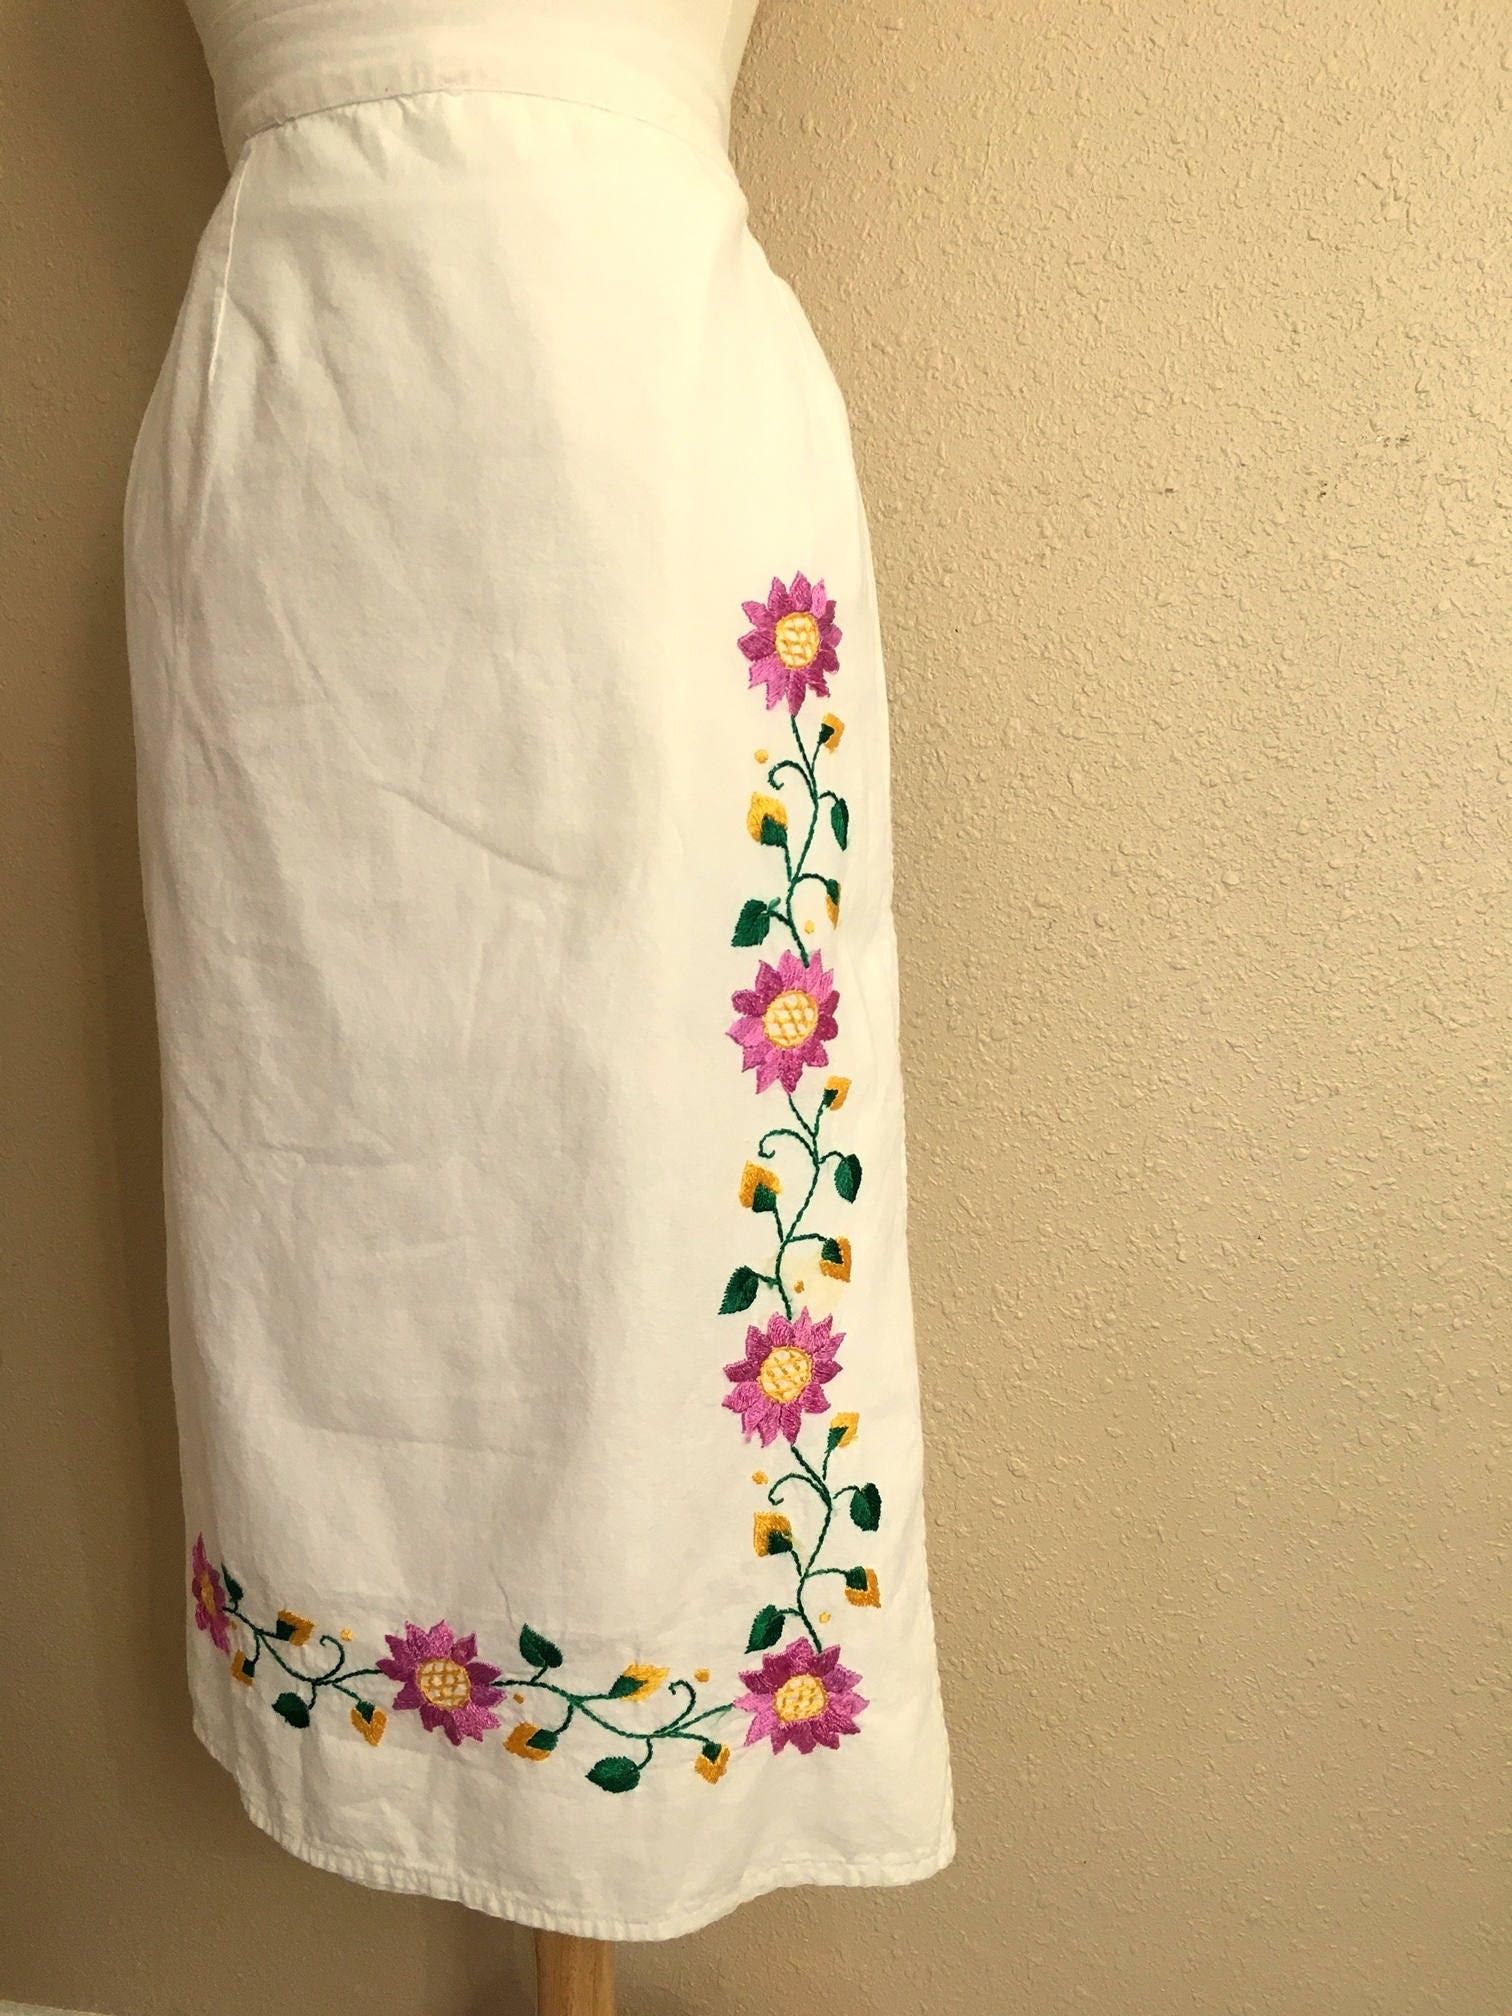 Vente de jupe Vintage blanc et rose brodé Floral Wrap jupe   5e07be70895d